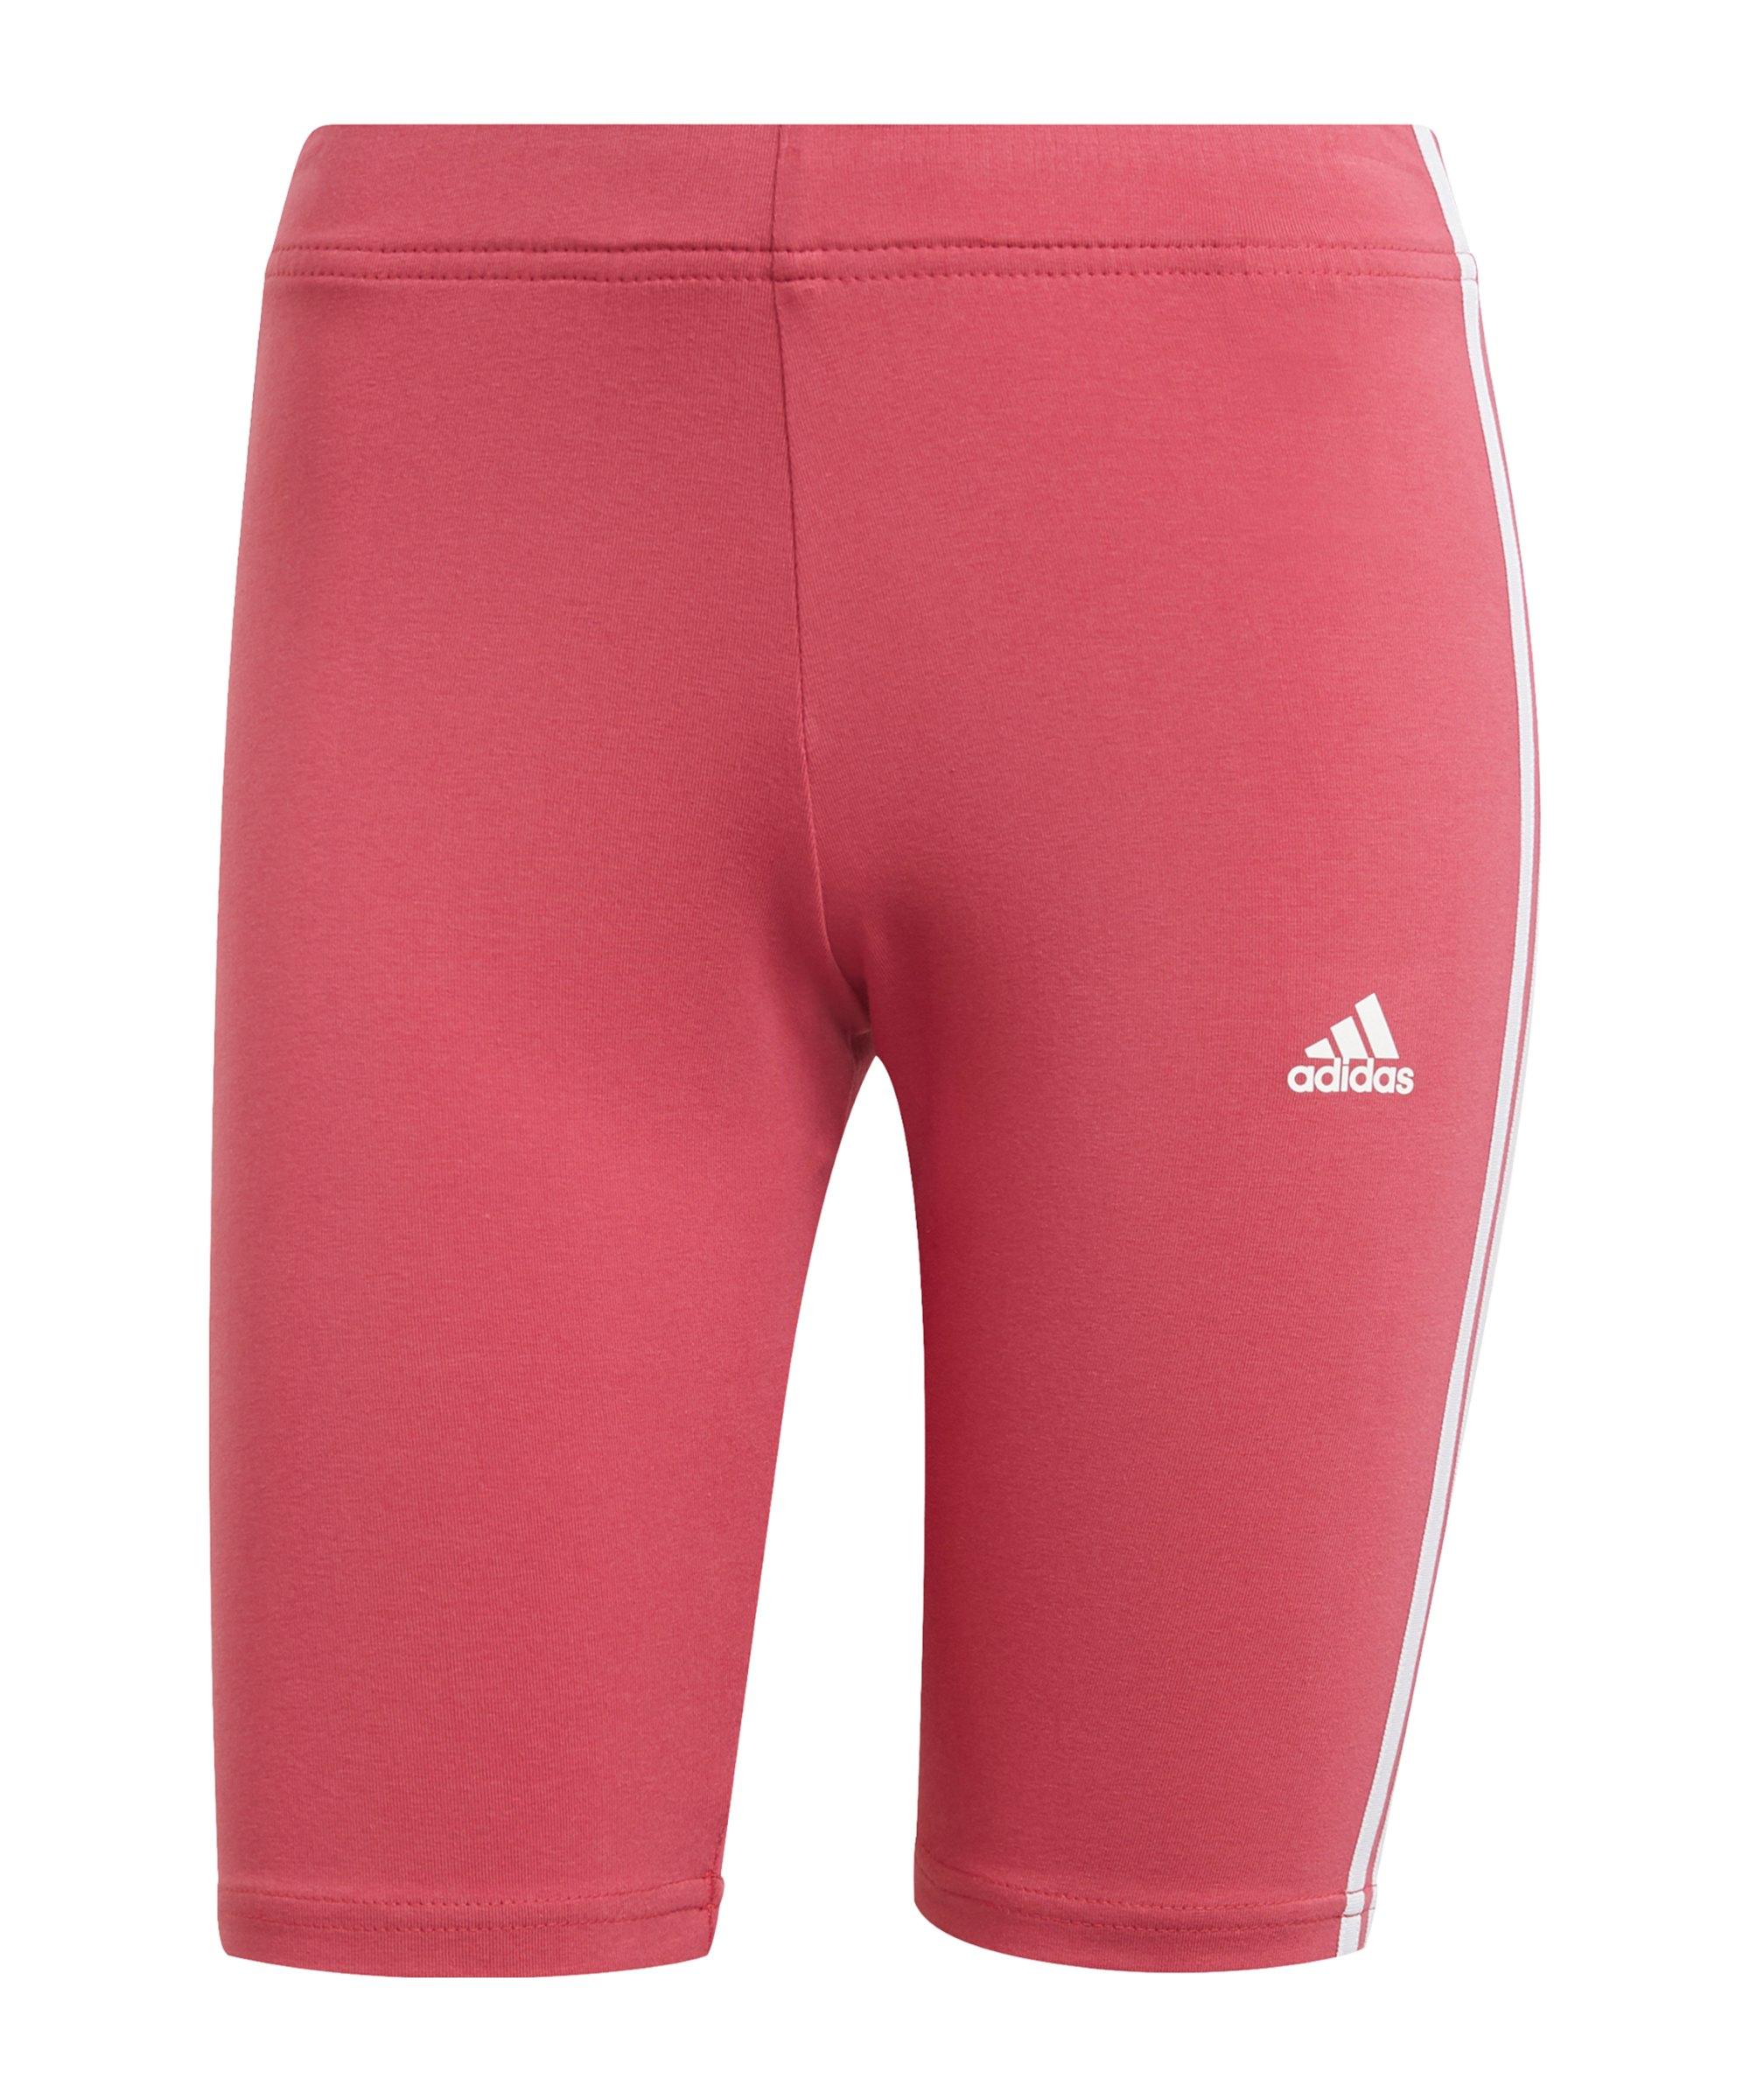 adidas Essentials Bike Shorts Damen Pink Weiss - pink